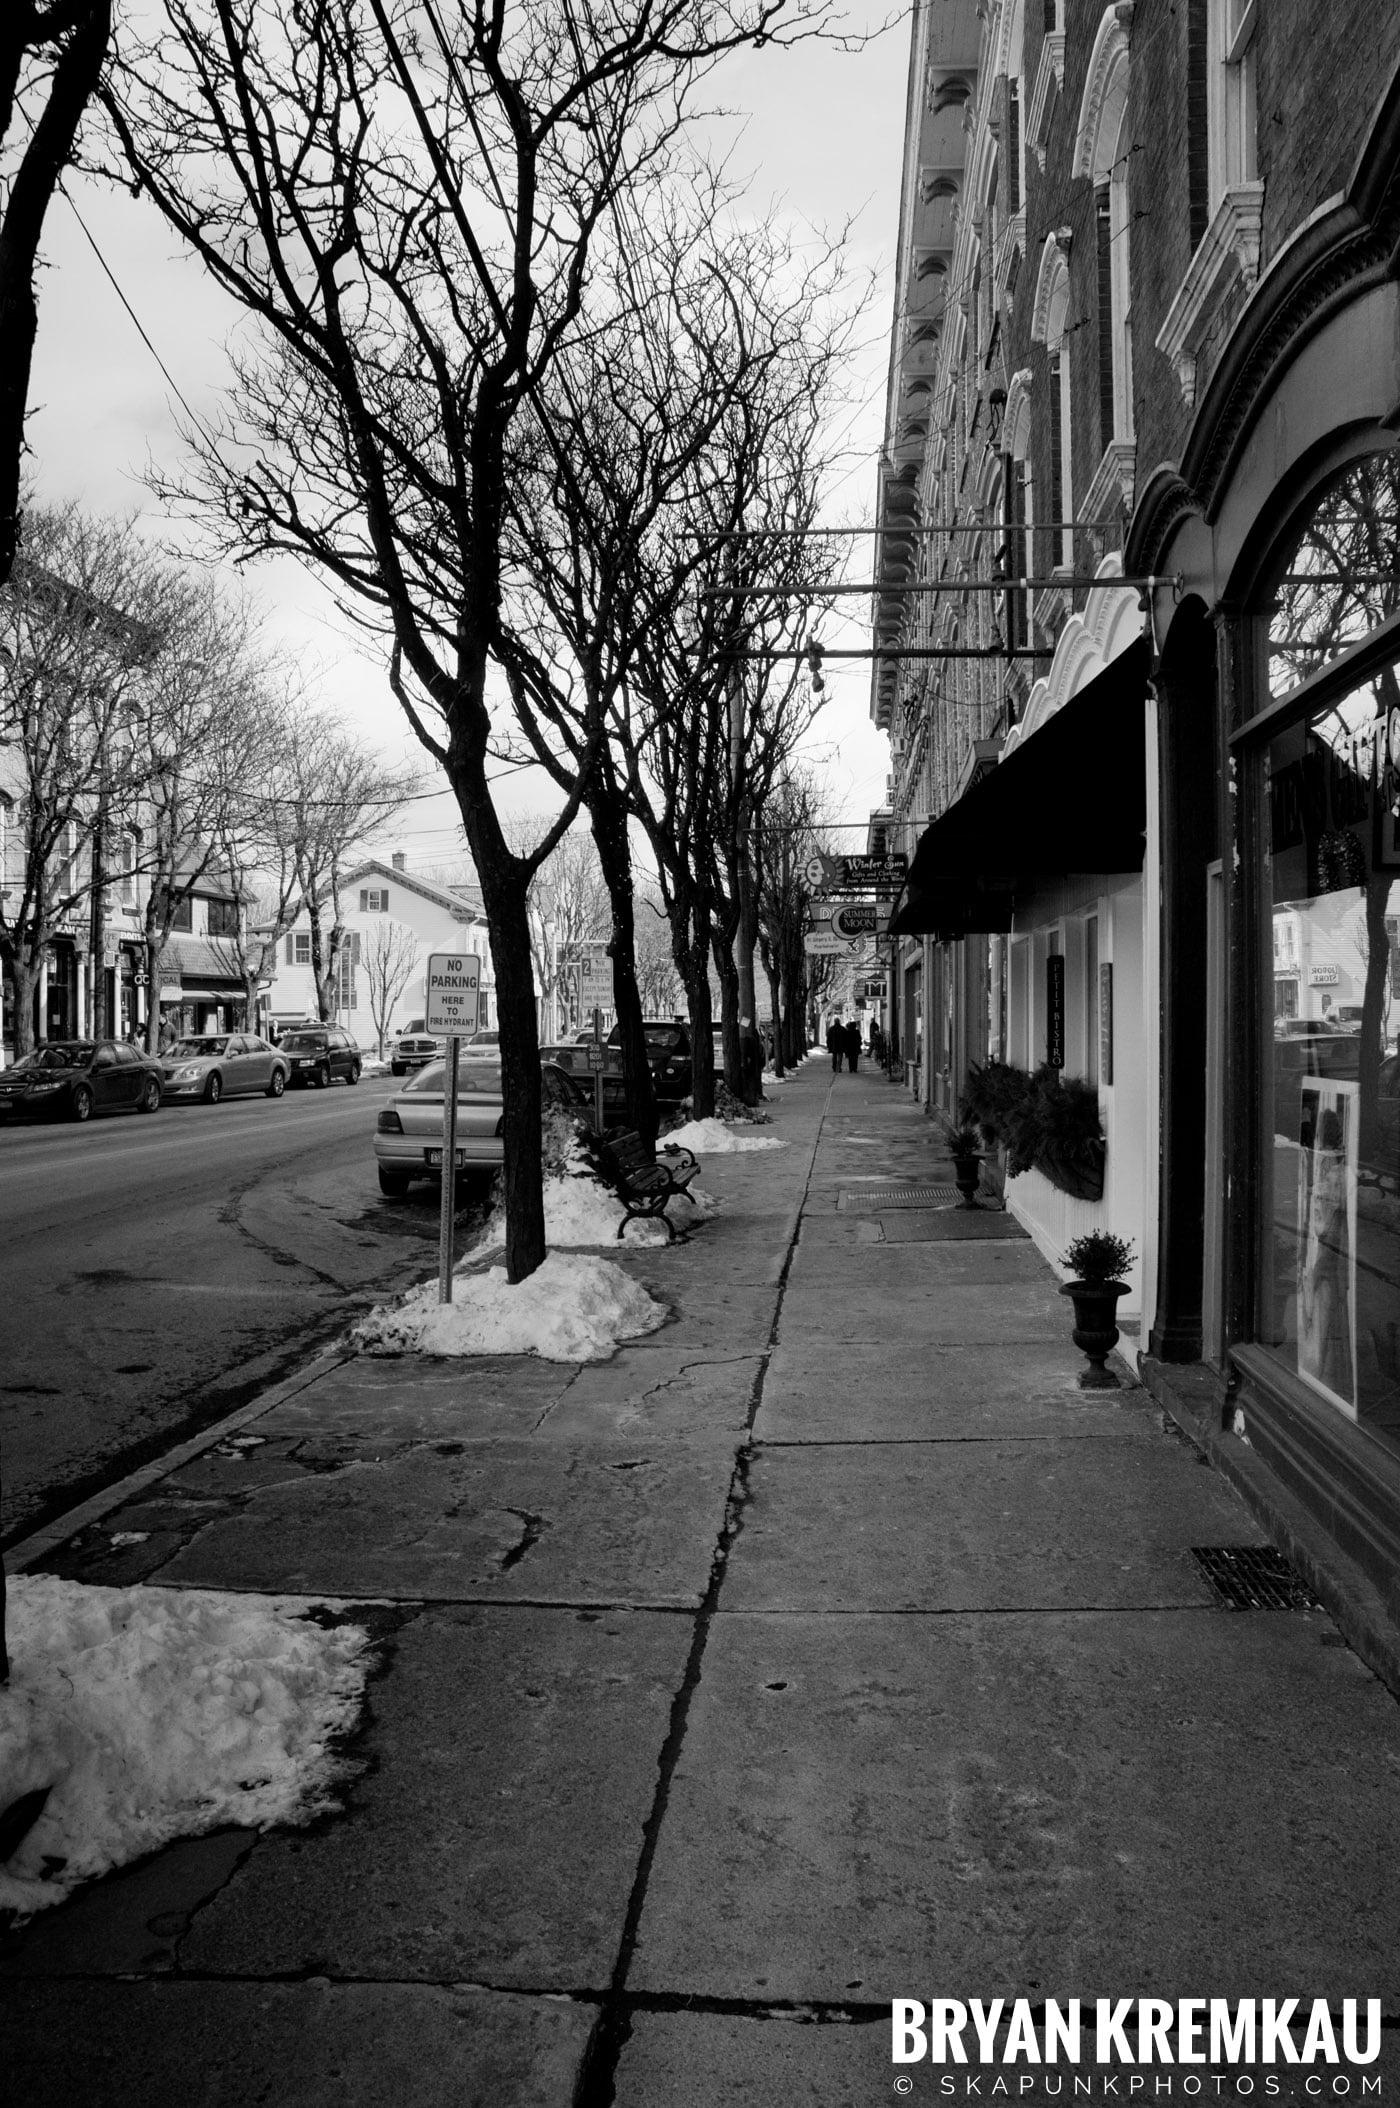 Valentine's Day Trip @ Rhinebeck, FDR's Home, Vanderbilt, Wilderstein Historic Site, NY - 2.14.10 (59)